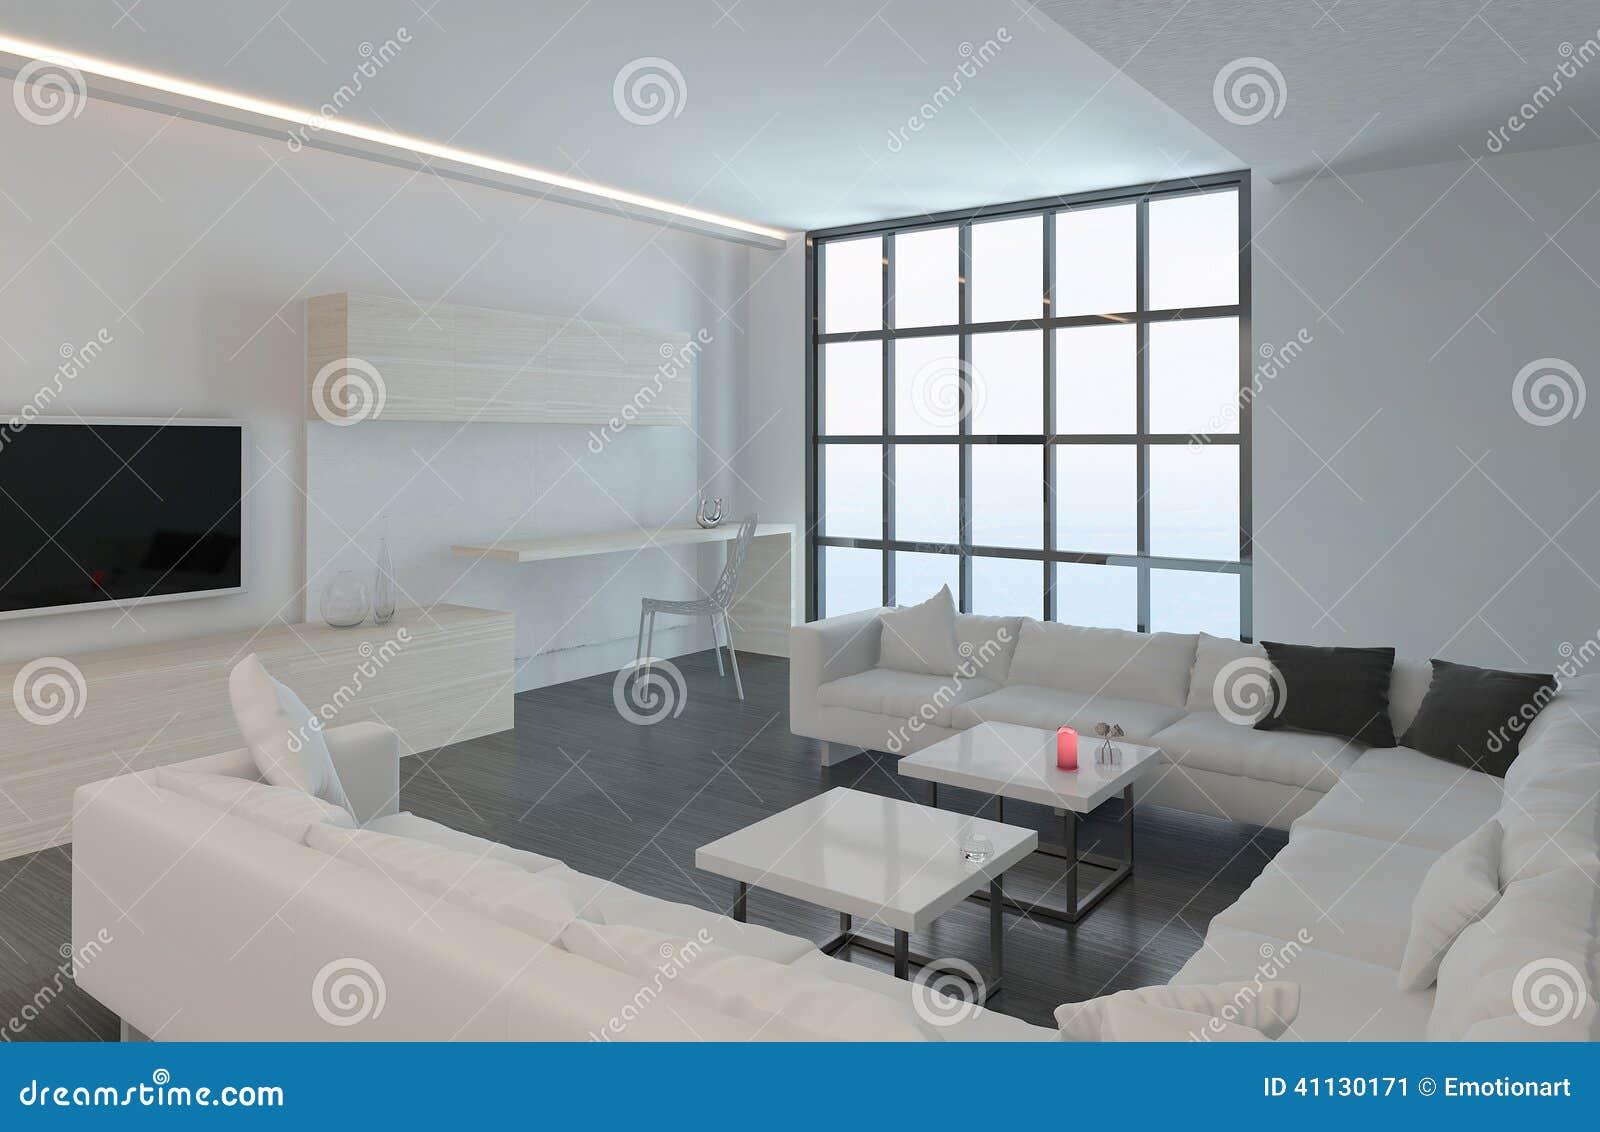 modernes wei es wohnzimmer mit boden zum deckenfenster stock abbildung bild 41130171. Black Bedroom Furniture Sets. Home Design Ideas